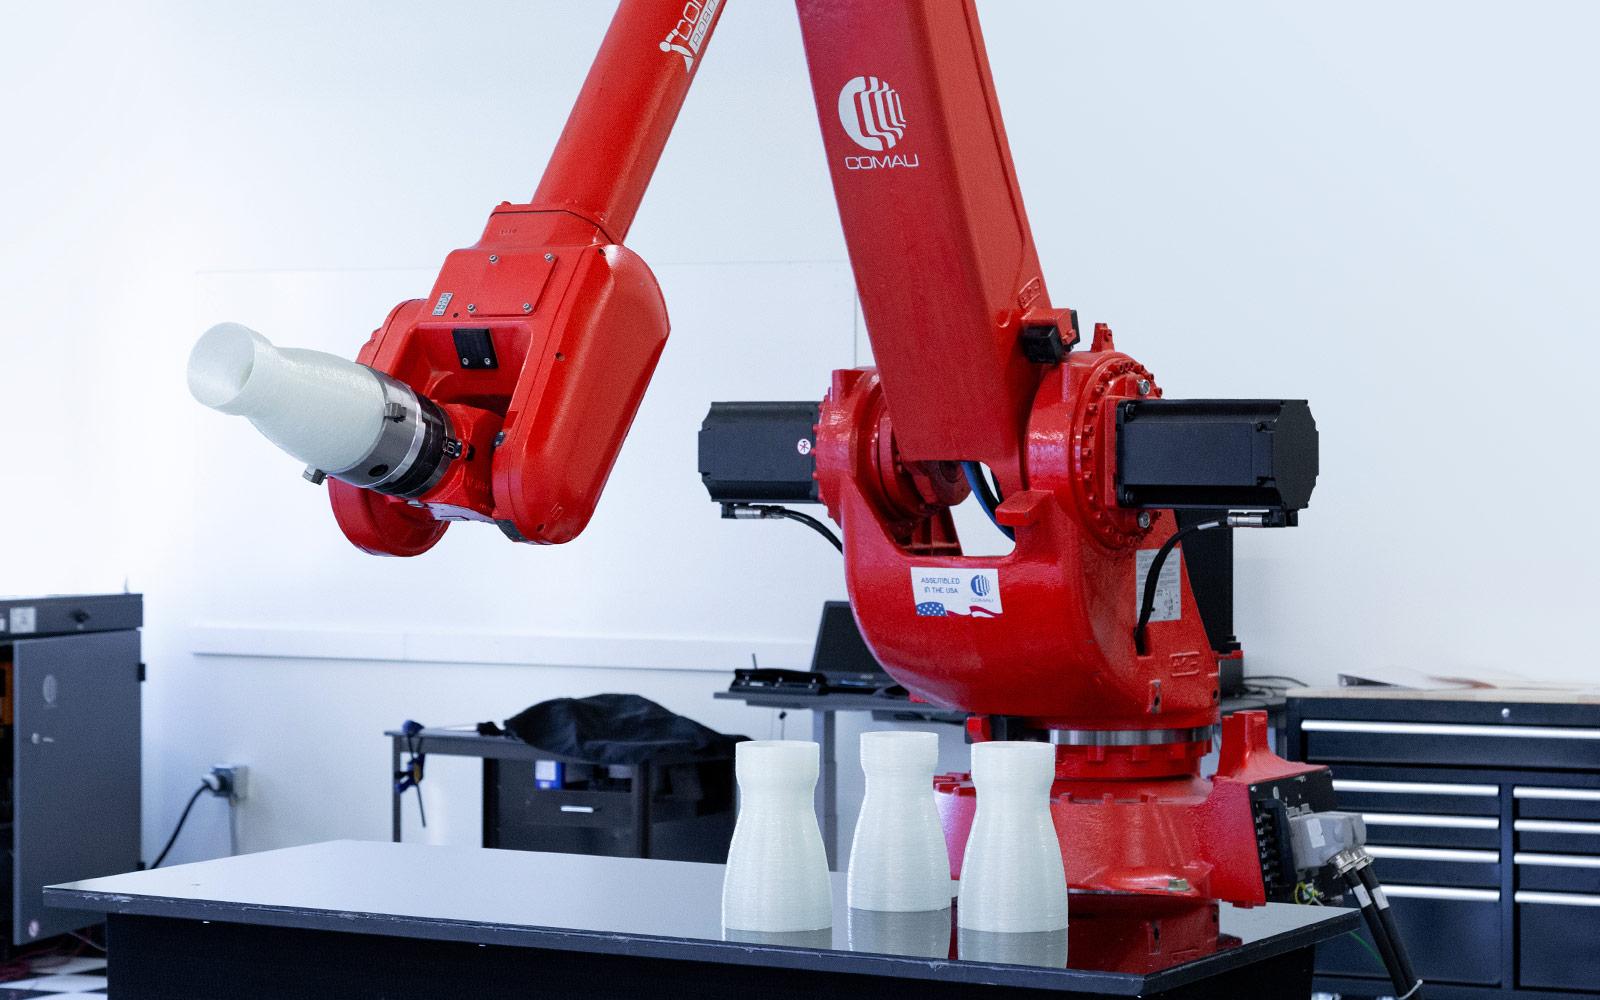 NJ130 Comau robot holding fiberglass de laval nozzle.